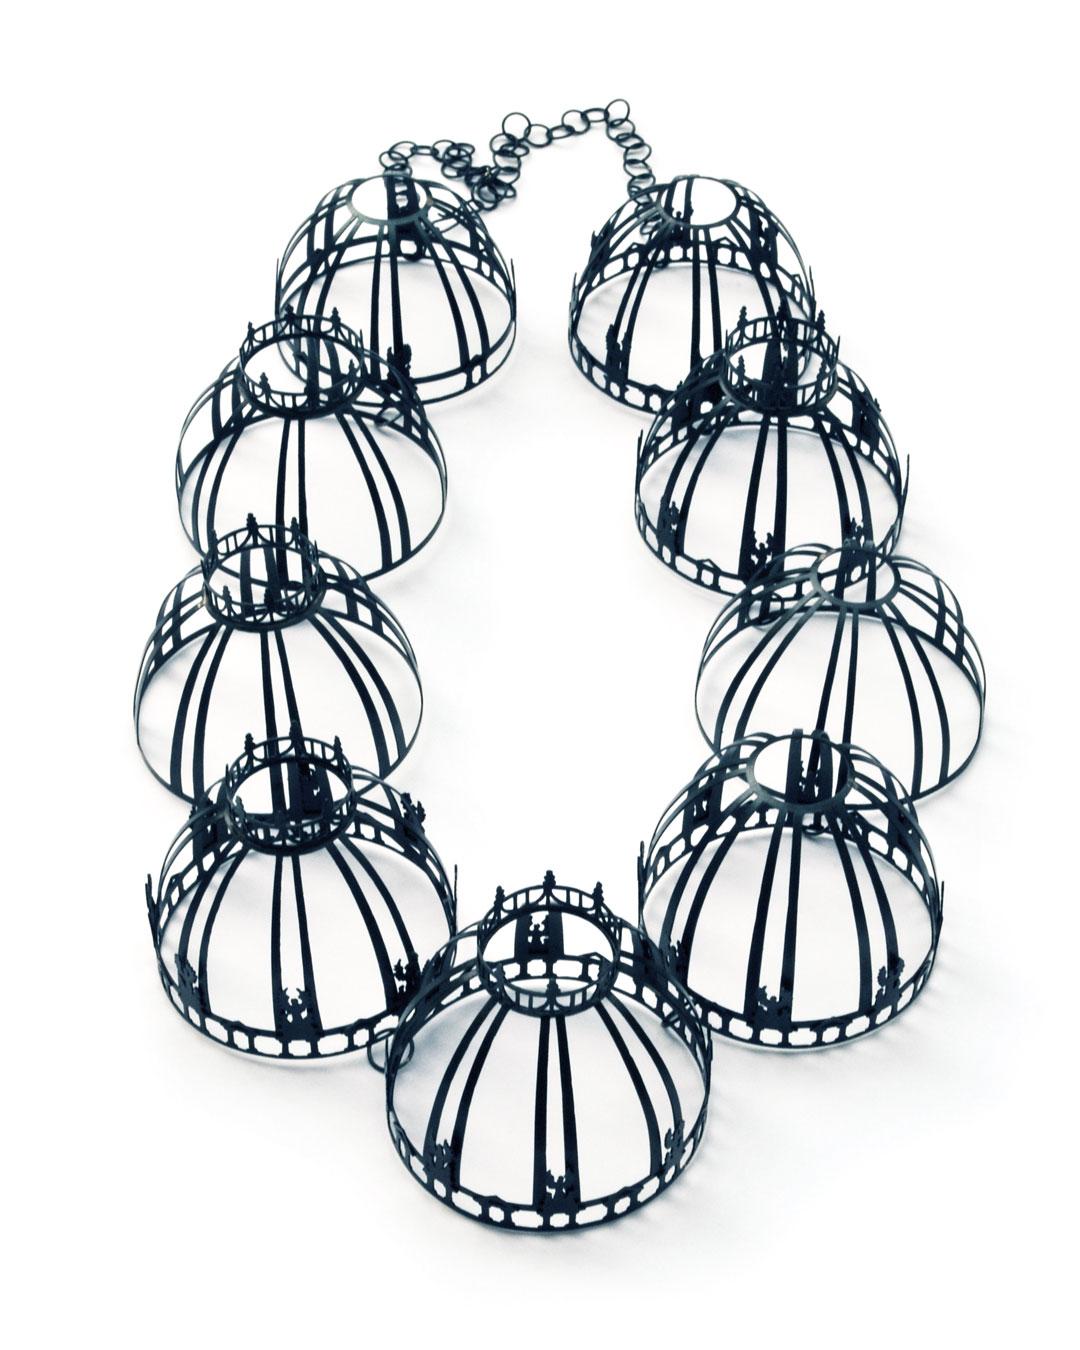 Vera Siemund, untitled, 2015, necklace; steel, 210 x 350 x 60 mm, €4850